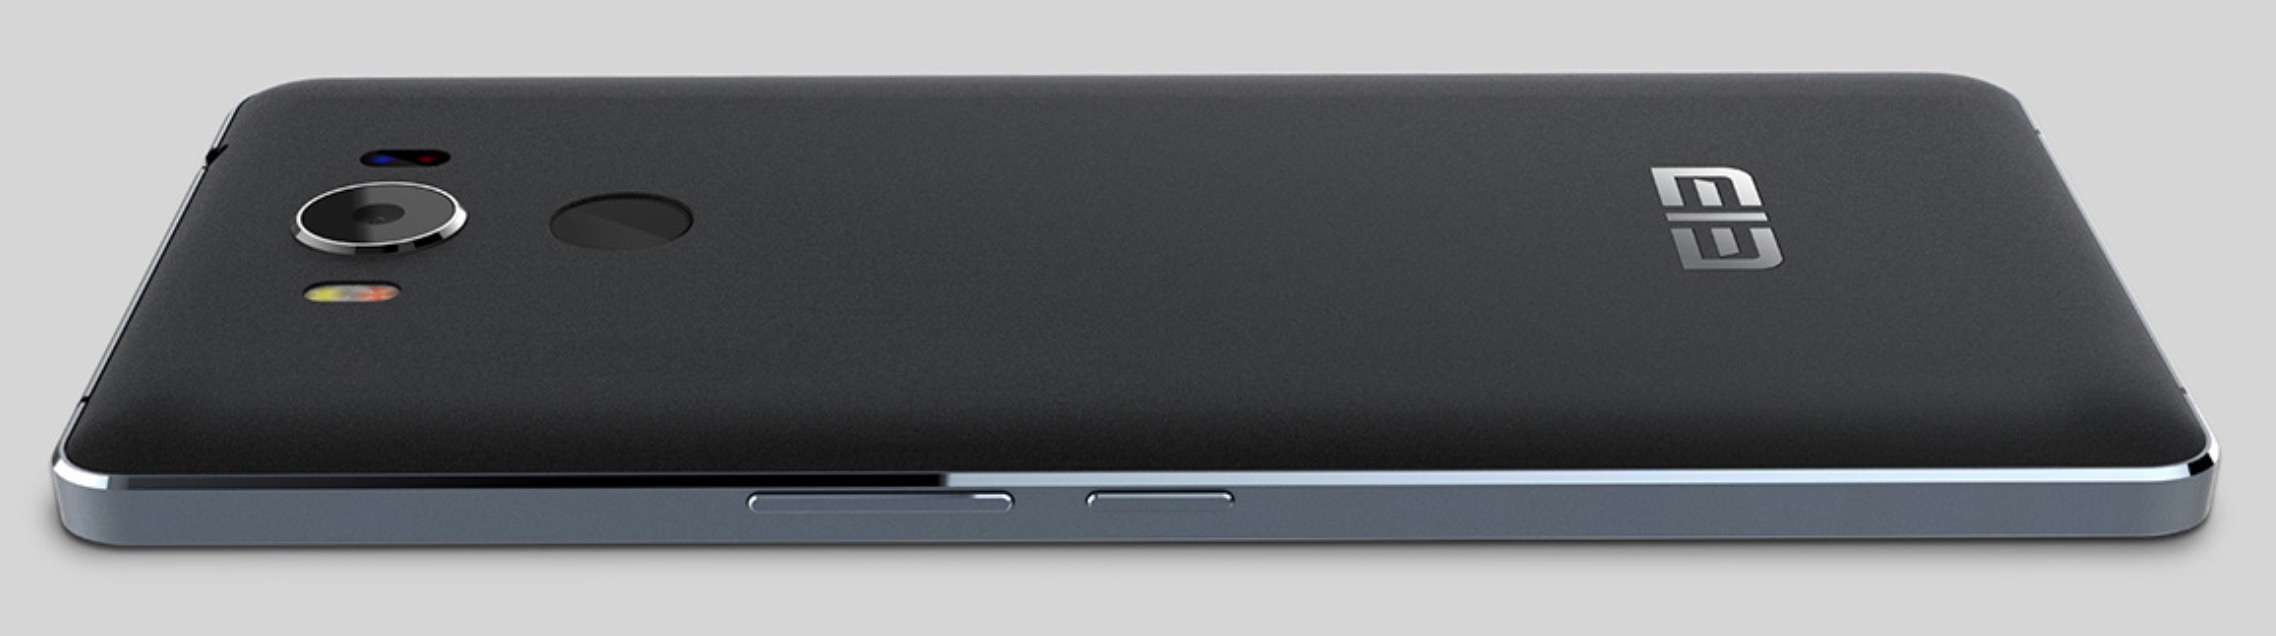 Elephone P9000 1